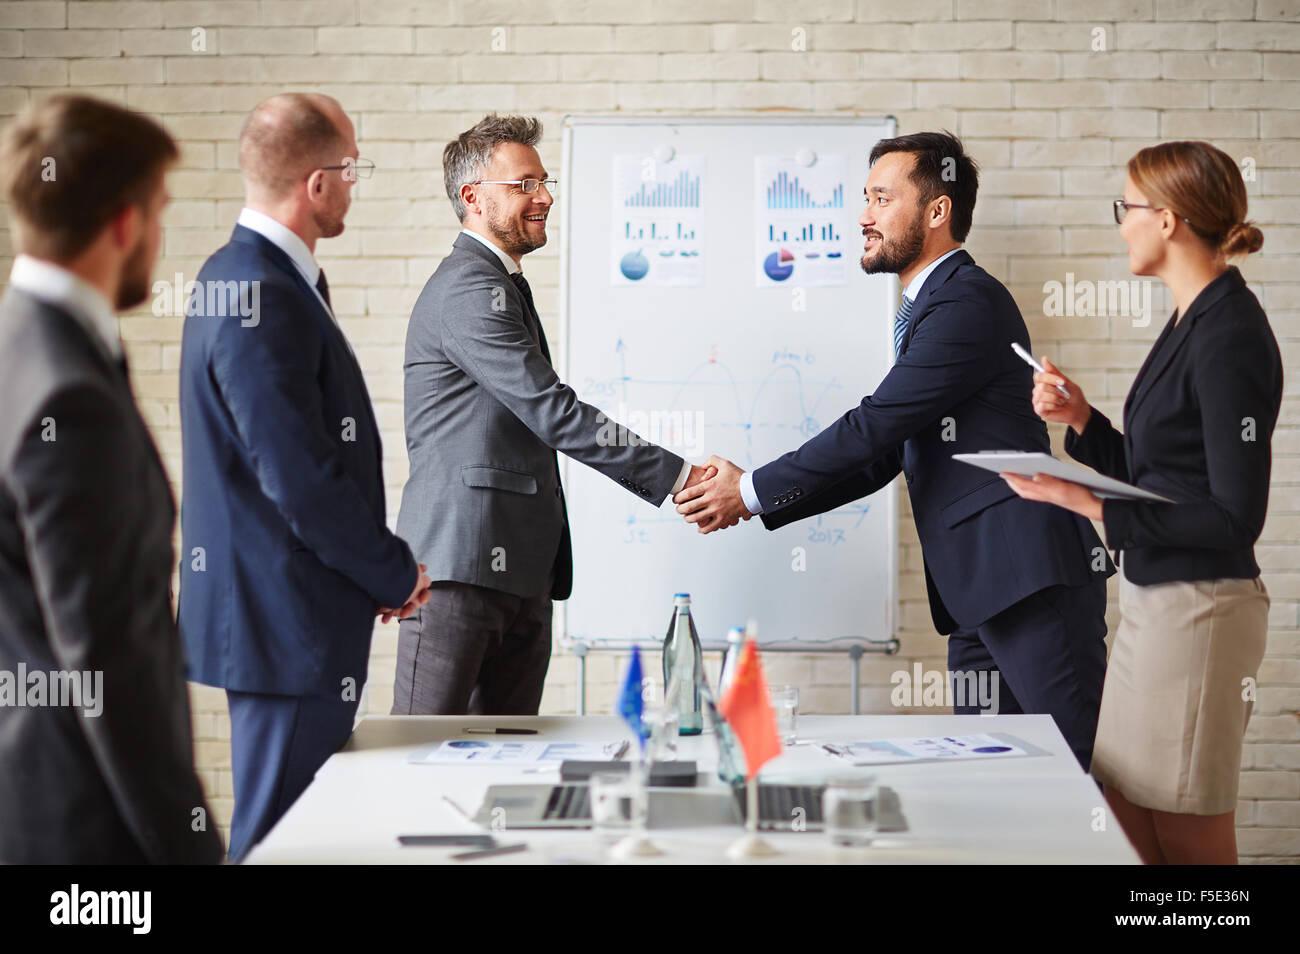 Soci stranieri saluto uno all'altro mediante le procedure di handshaking Immagini Stock